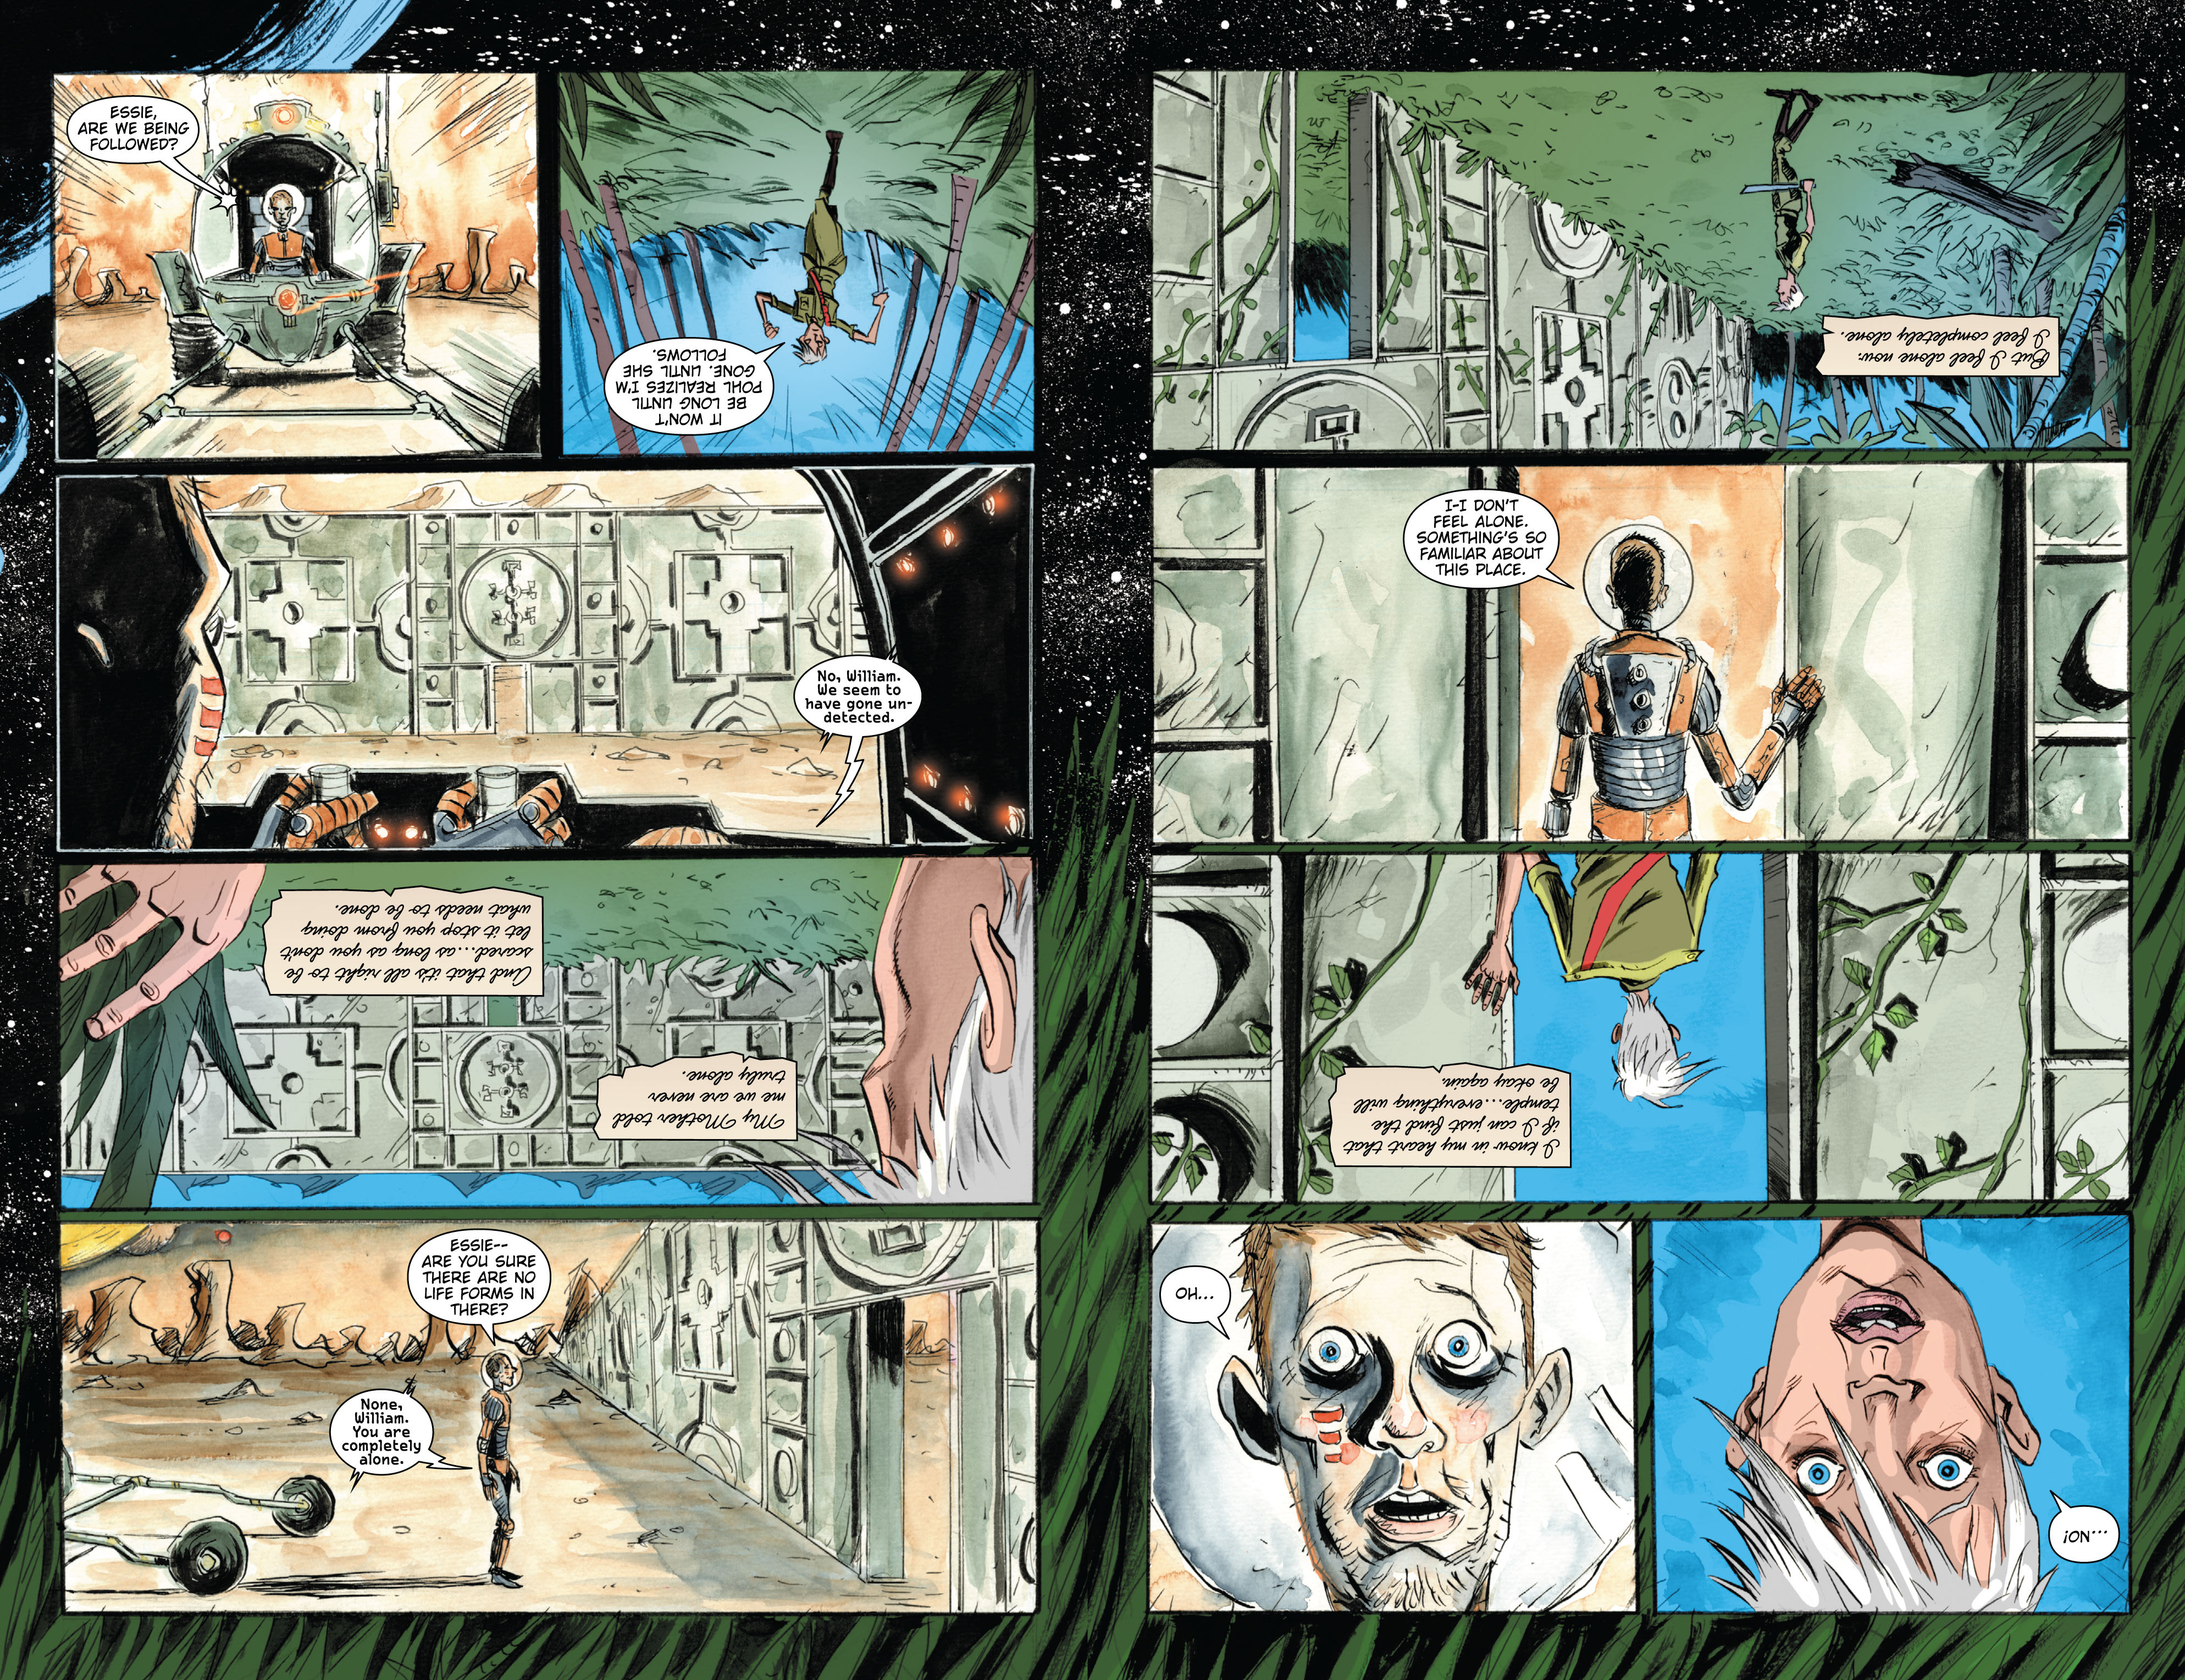 Read online Trillium comic -  Issue # TPB - 157